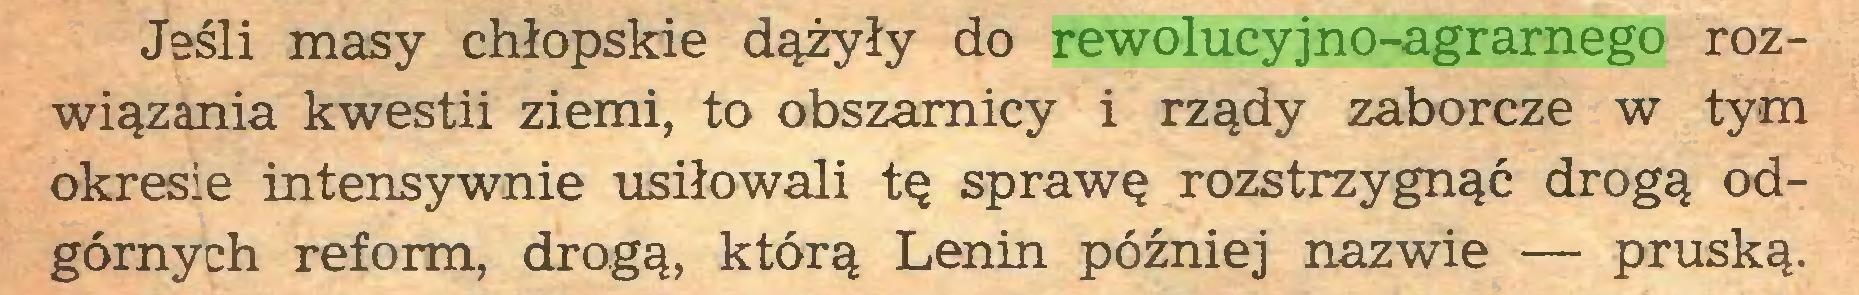 (...) Jeśli masy chłopskie dążyły do rewolucyjno-agrarnego rozwiązania kwestii ziemi, to obszarnicy i rządy zaborcze w tym okresie intensywnie usiłowali tę sprawę rozstrzygnąć drogą odgórnych reform, drogą, którą Lenin później nazwie — pruską...